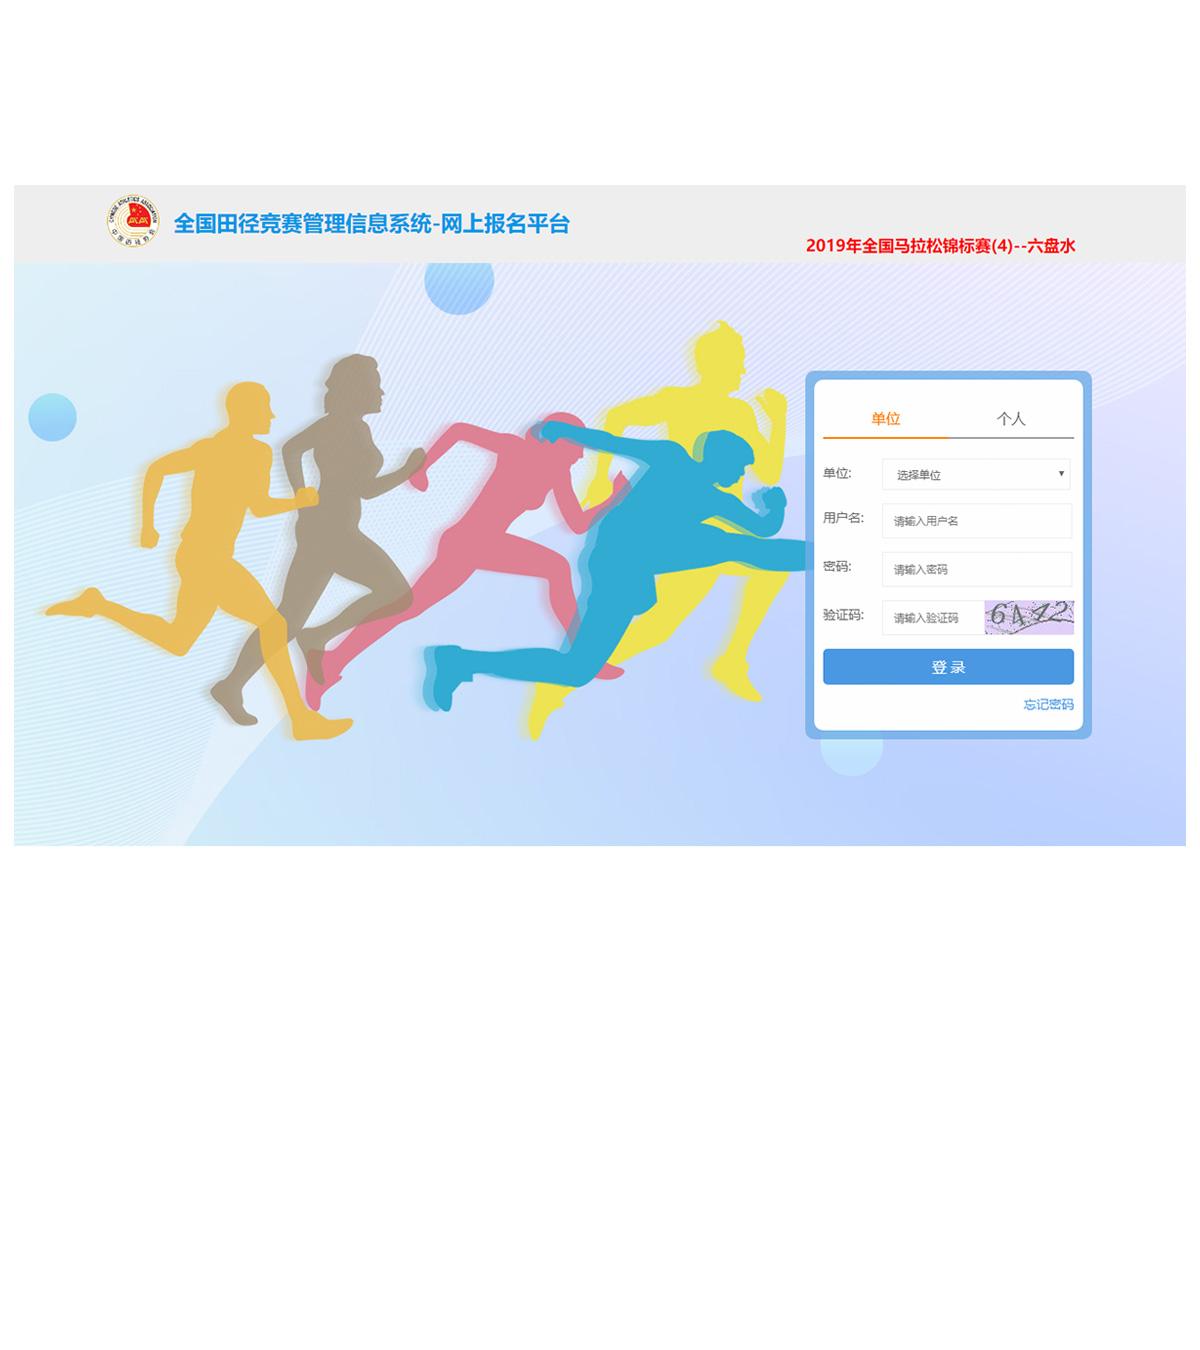 国内赛事网上报名系统